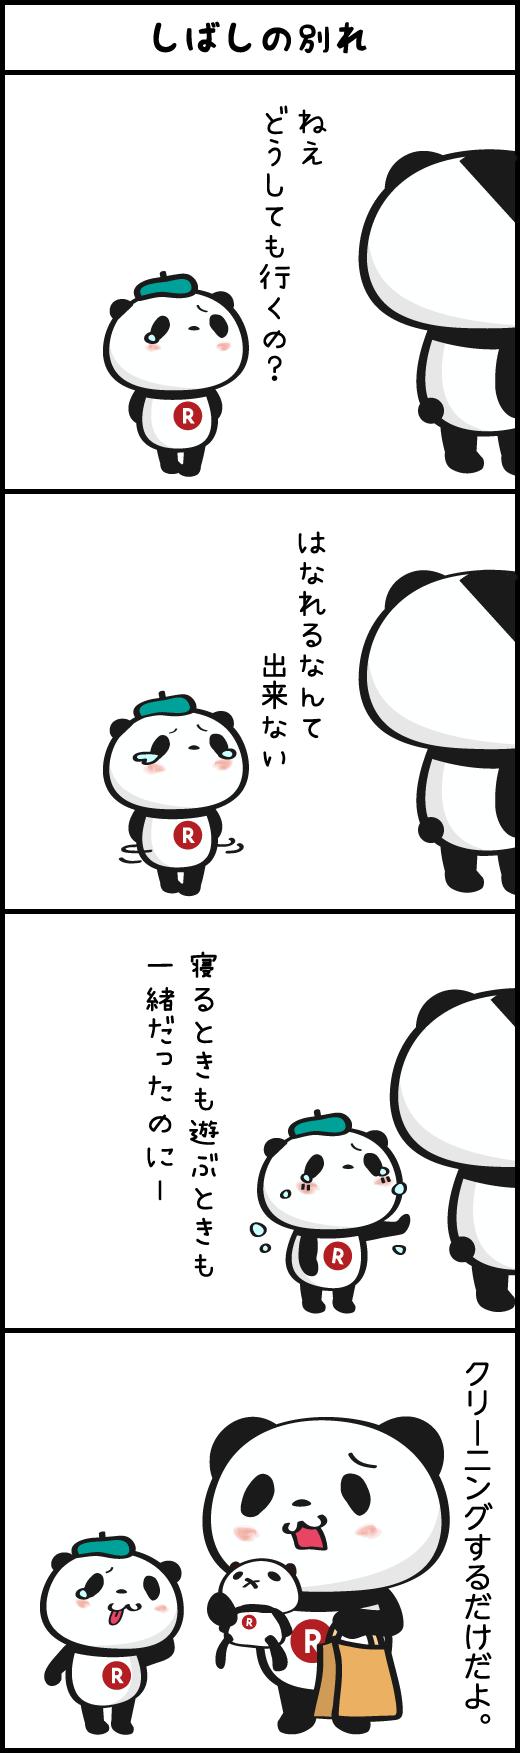 楽天市場 お買いものパンダ オフィシャルサイト 楽天パンダ パンダ 買い物